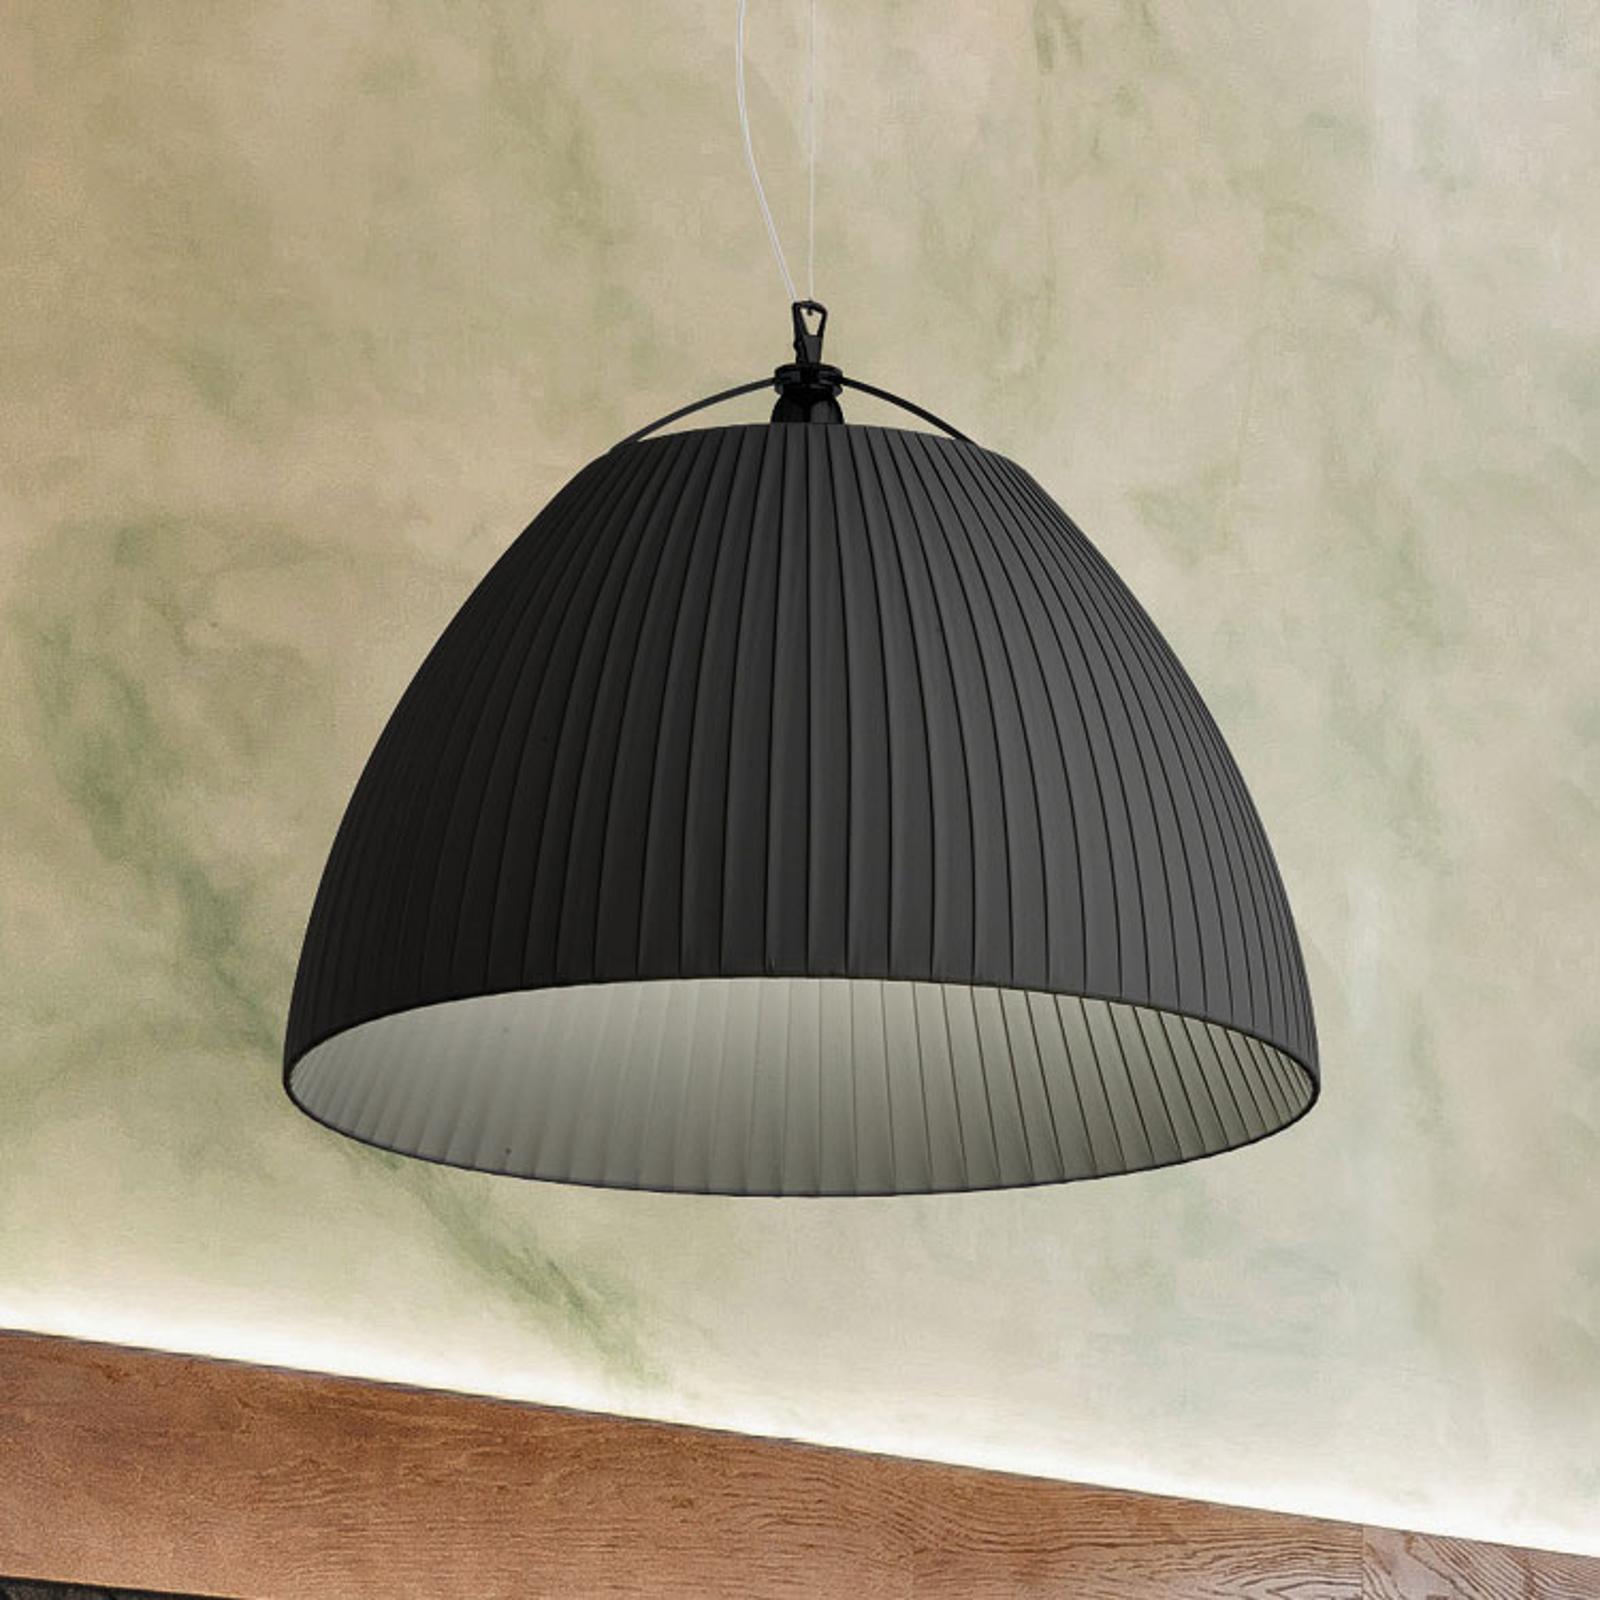 Modo Luce Olivia riippuvalaisin, Ø 42 cm, musta